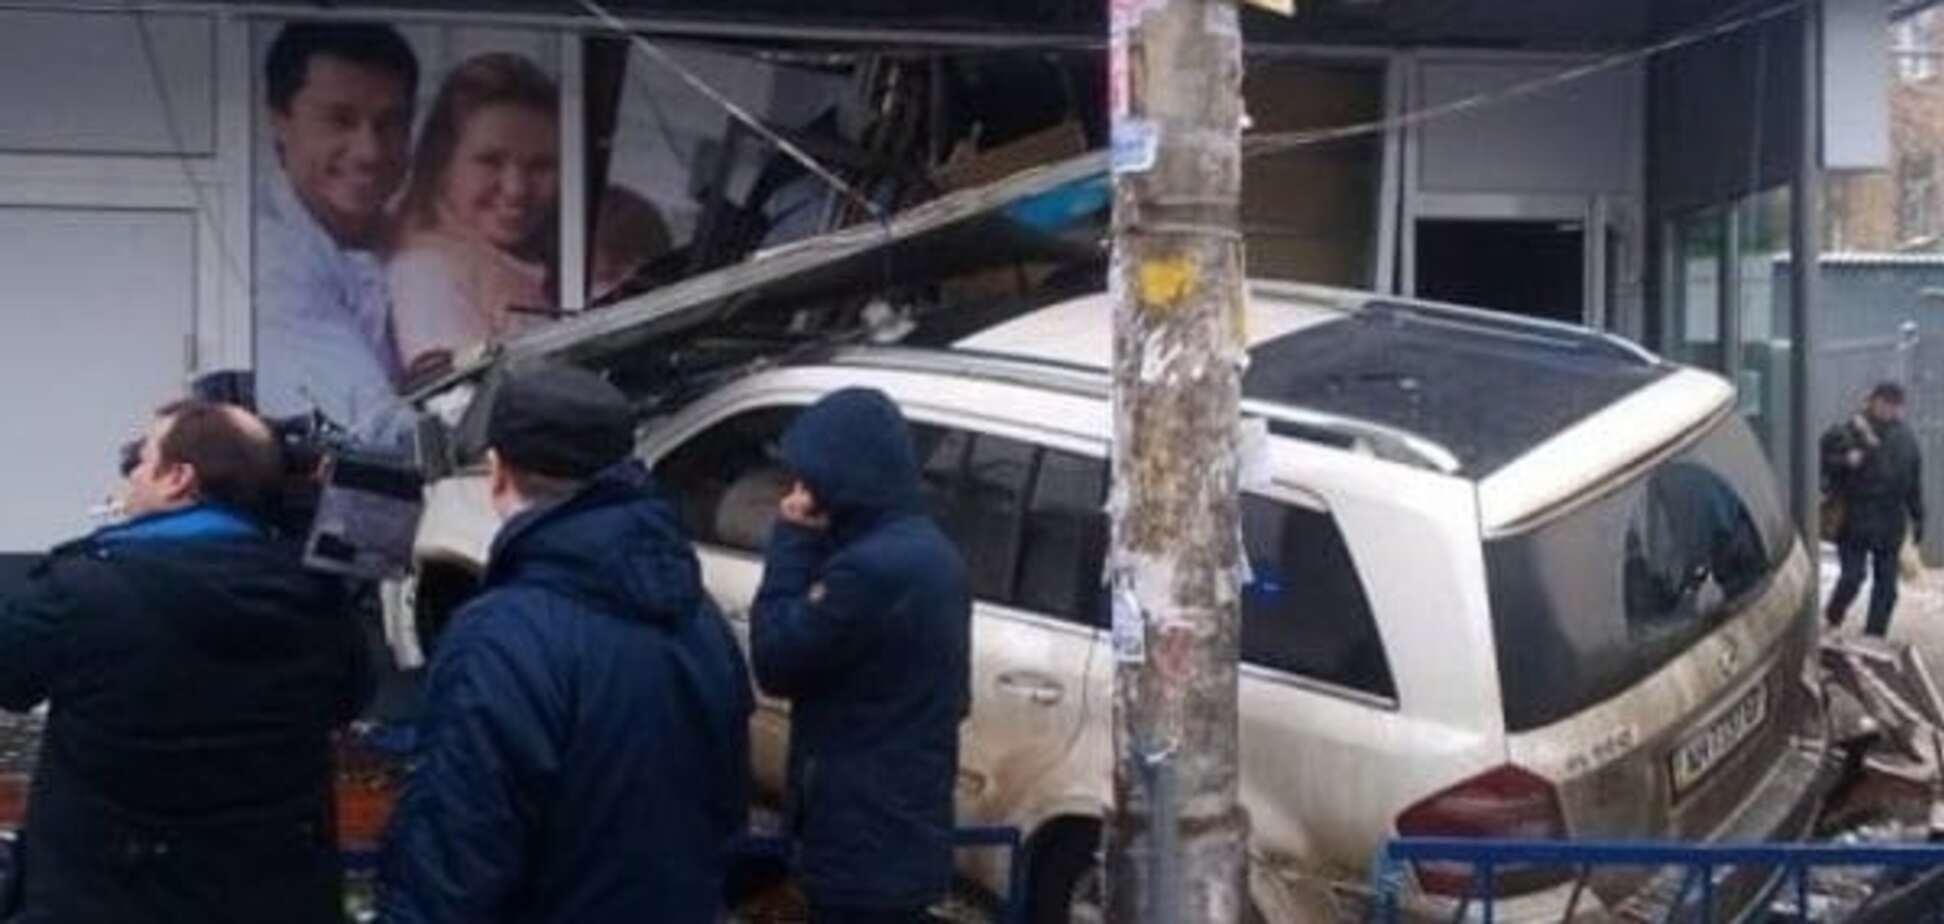 Суду не буде: мажора, який збив жінку в Києві, визнали важко хворим